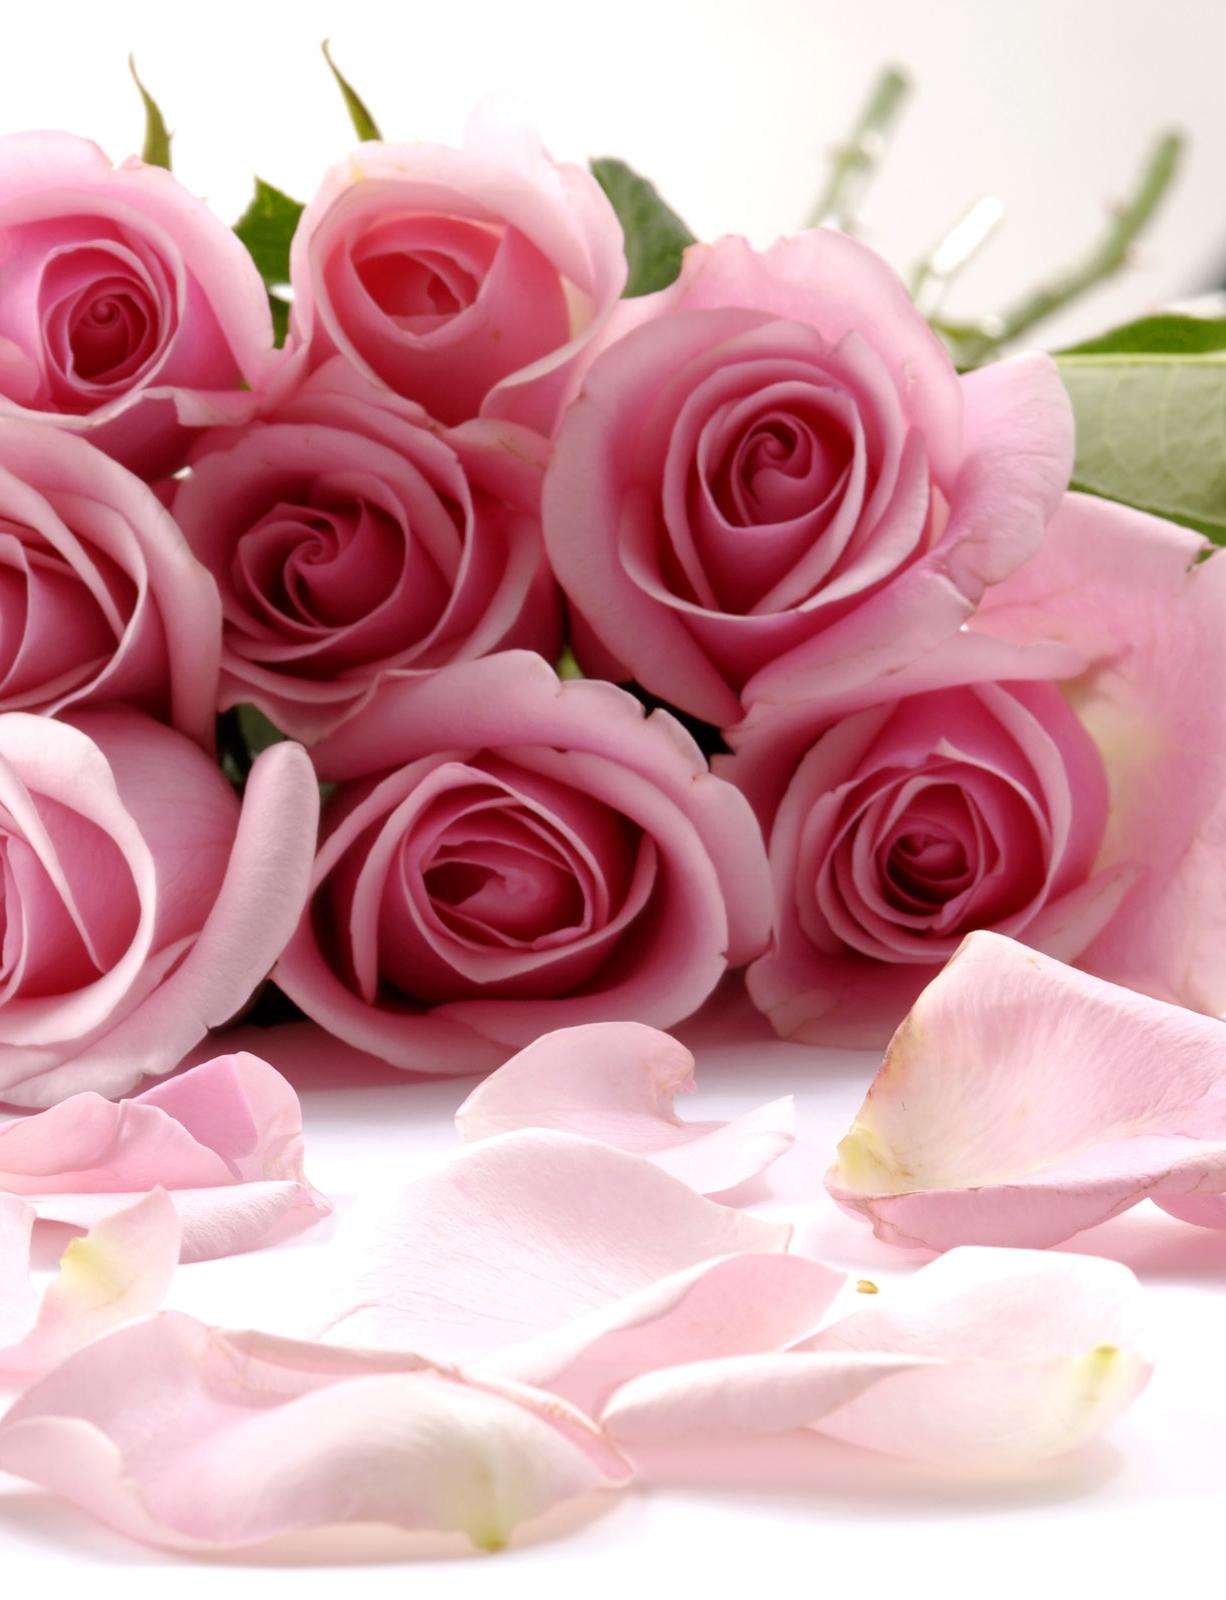 сайт знакомств без регистрации бесплатно в котласе на